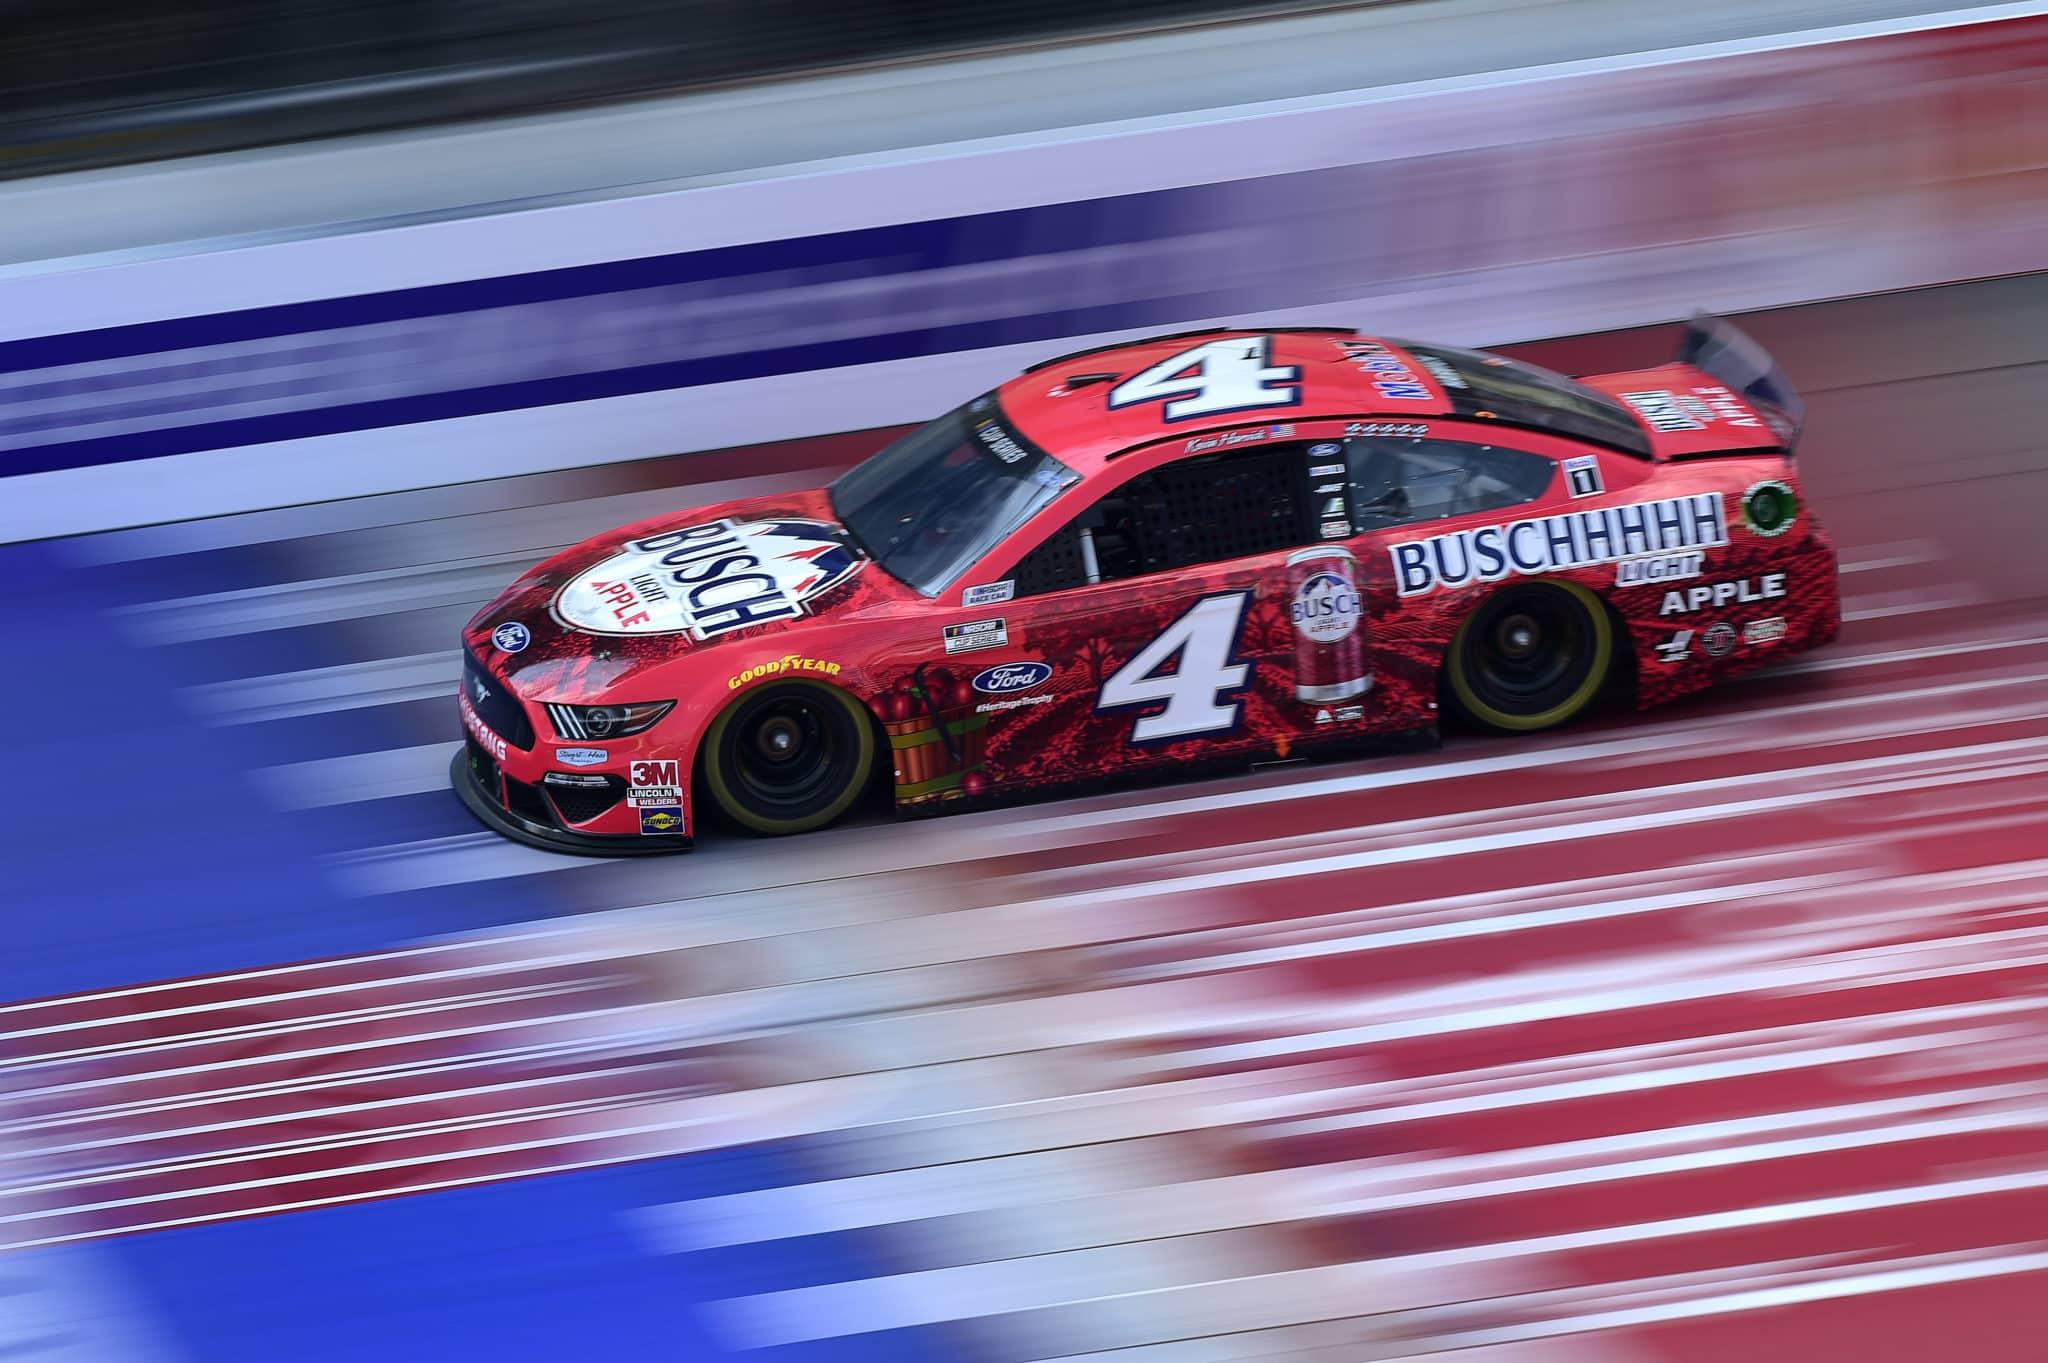 Kevin Harvick sweeps NASCAR's doubleheader at Michigan